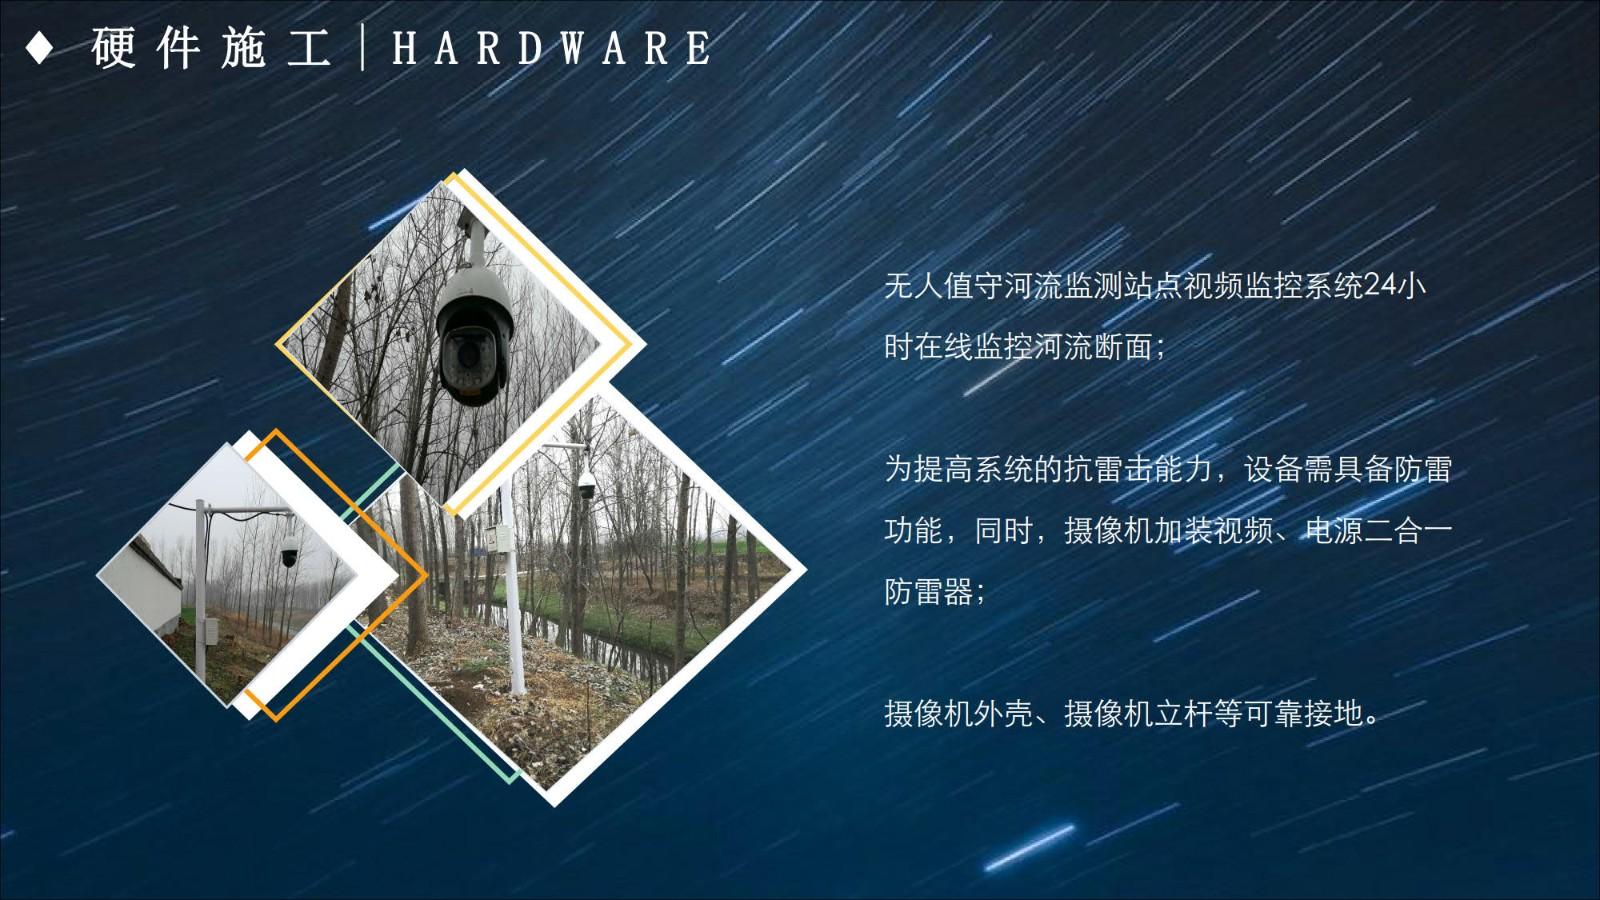 驻马店智慧环保平台项目_8.jpg